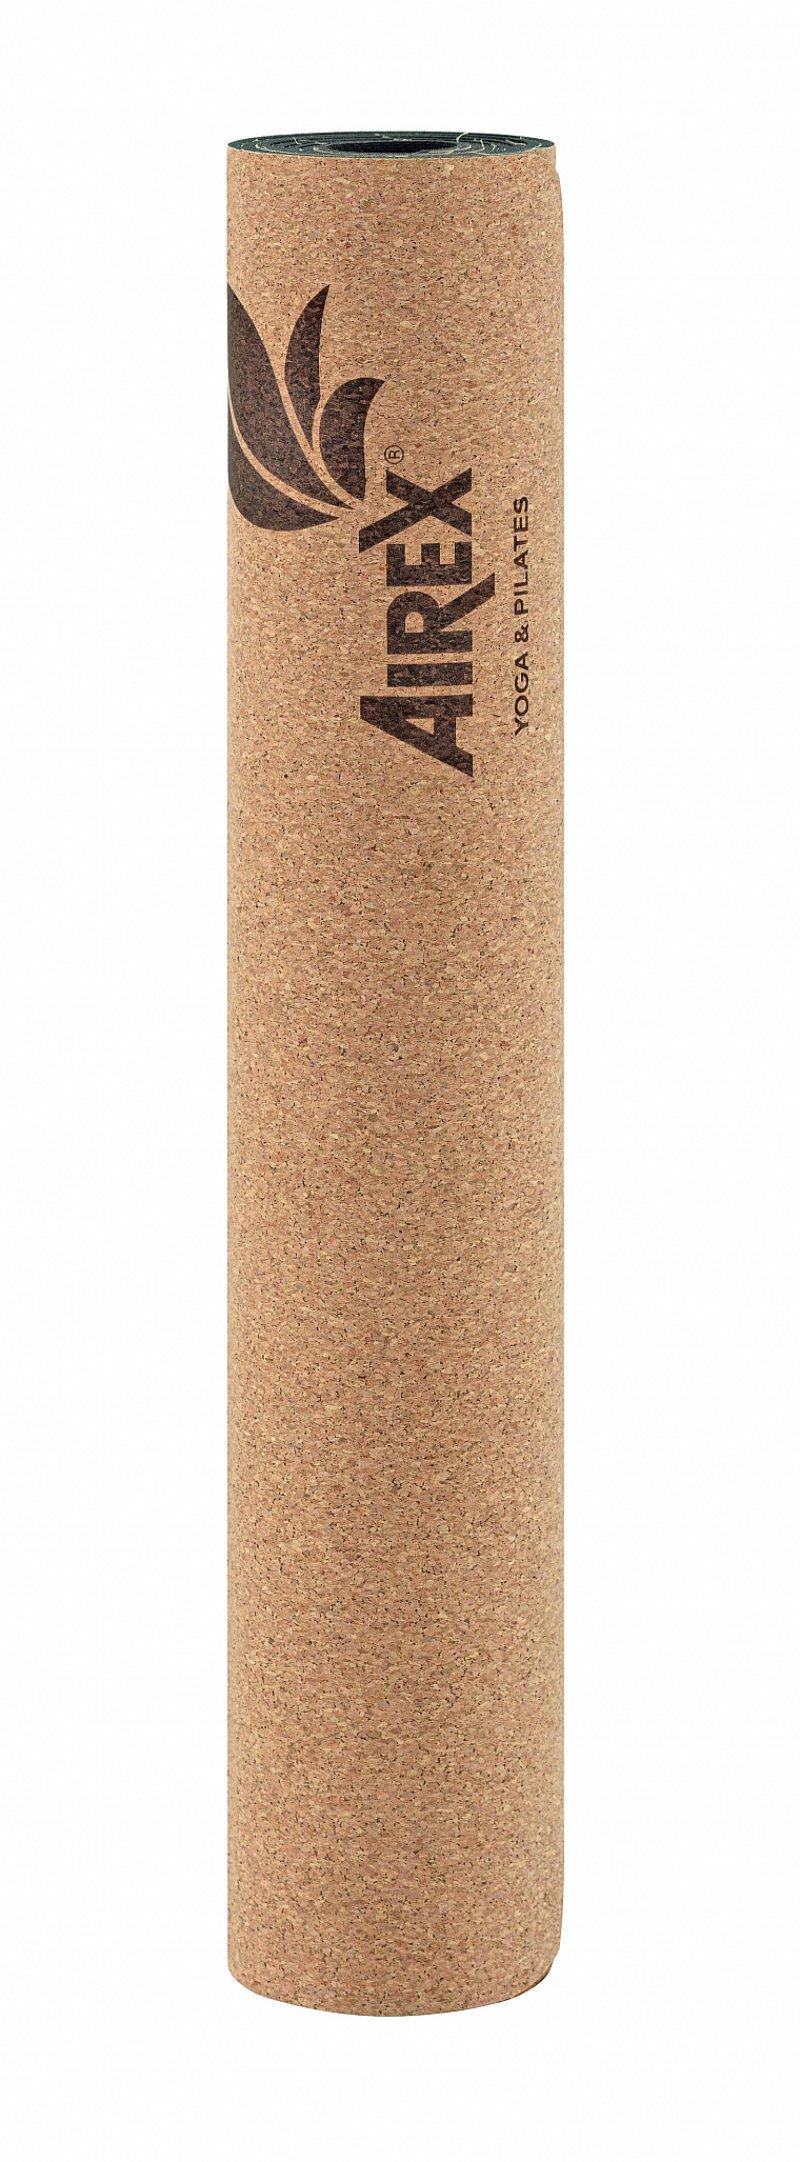 Airex ECO Cork jogas paklājs, dabīgs korķis